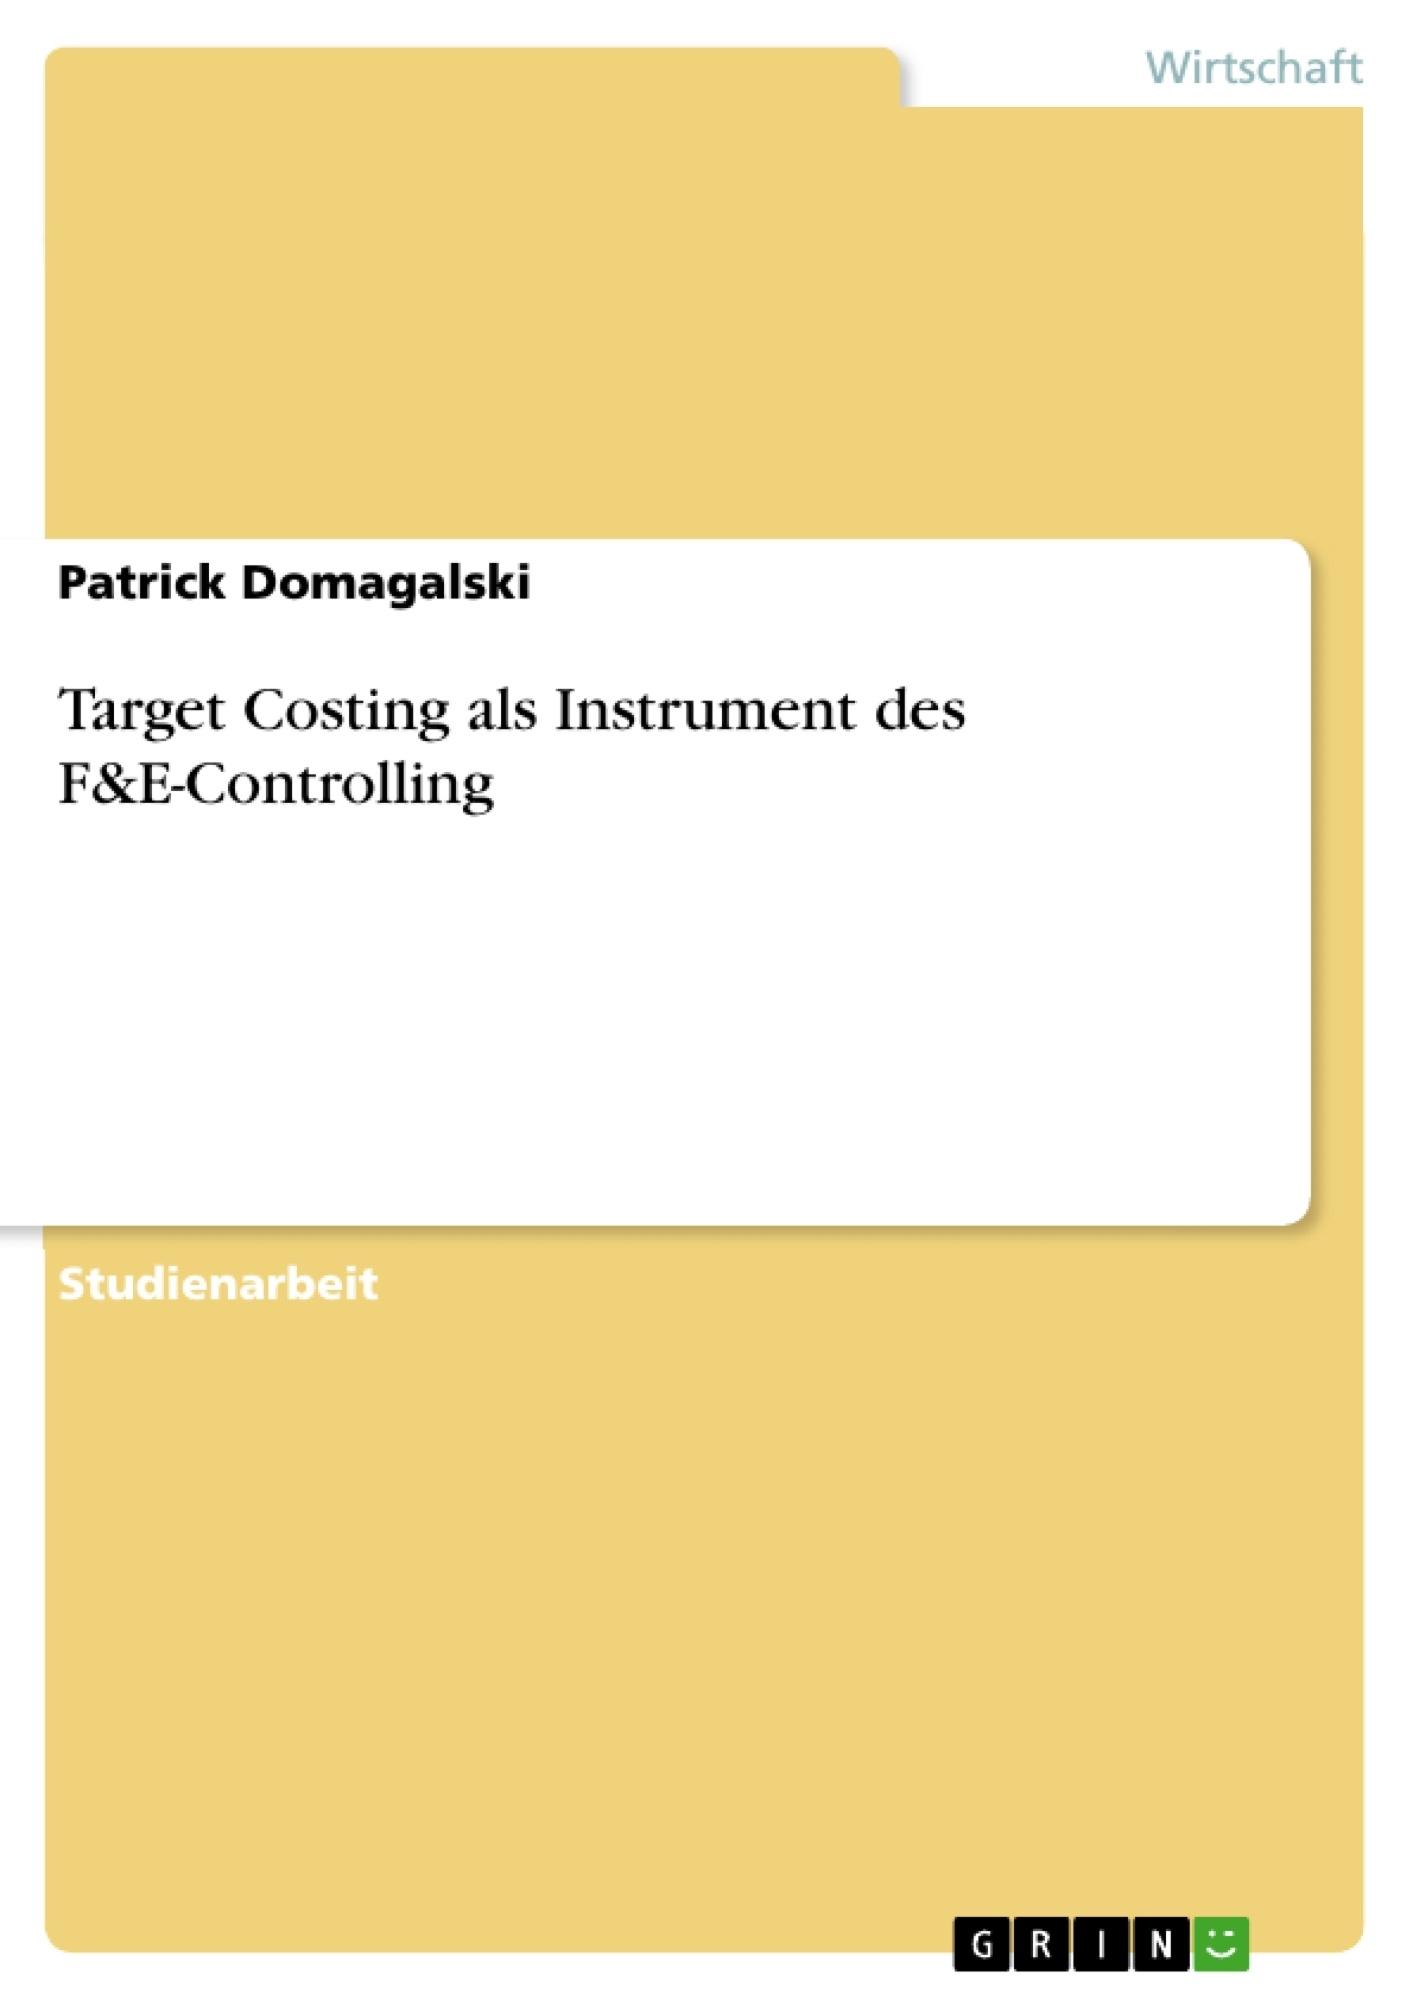 Titel: Target Costing als Instrument des F&E-Controlling